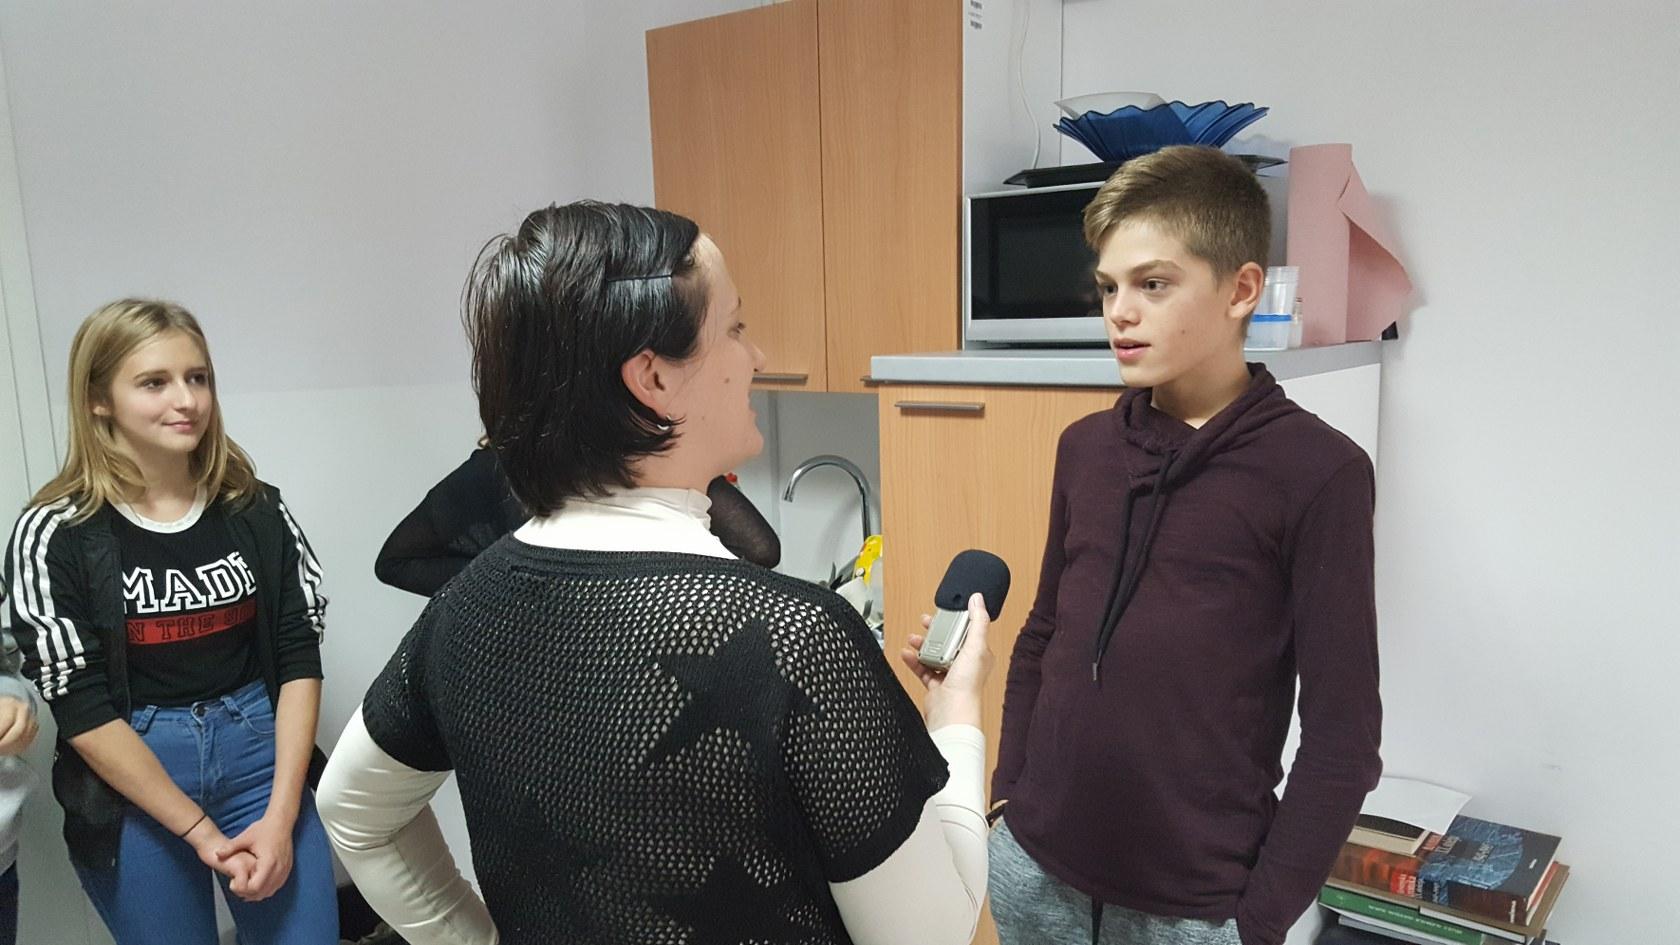 obisk-radia-tednik-ptuj-novinar-18_1680x945